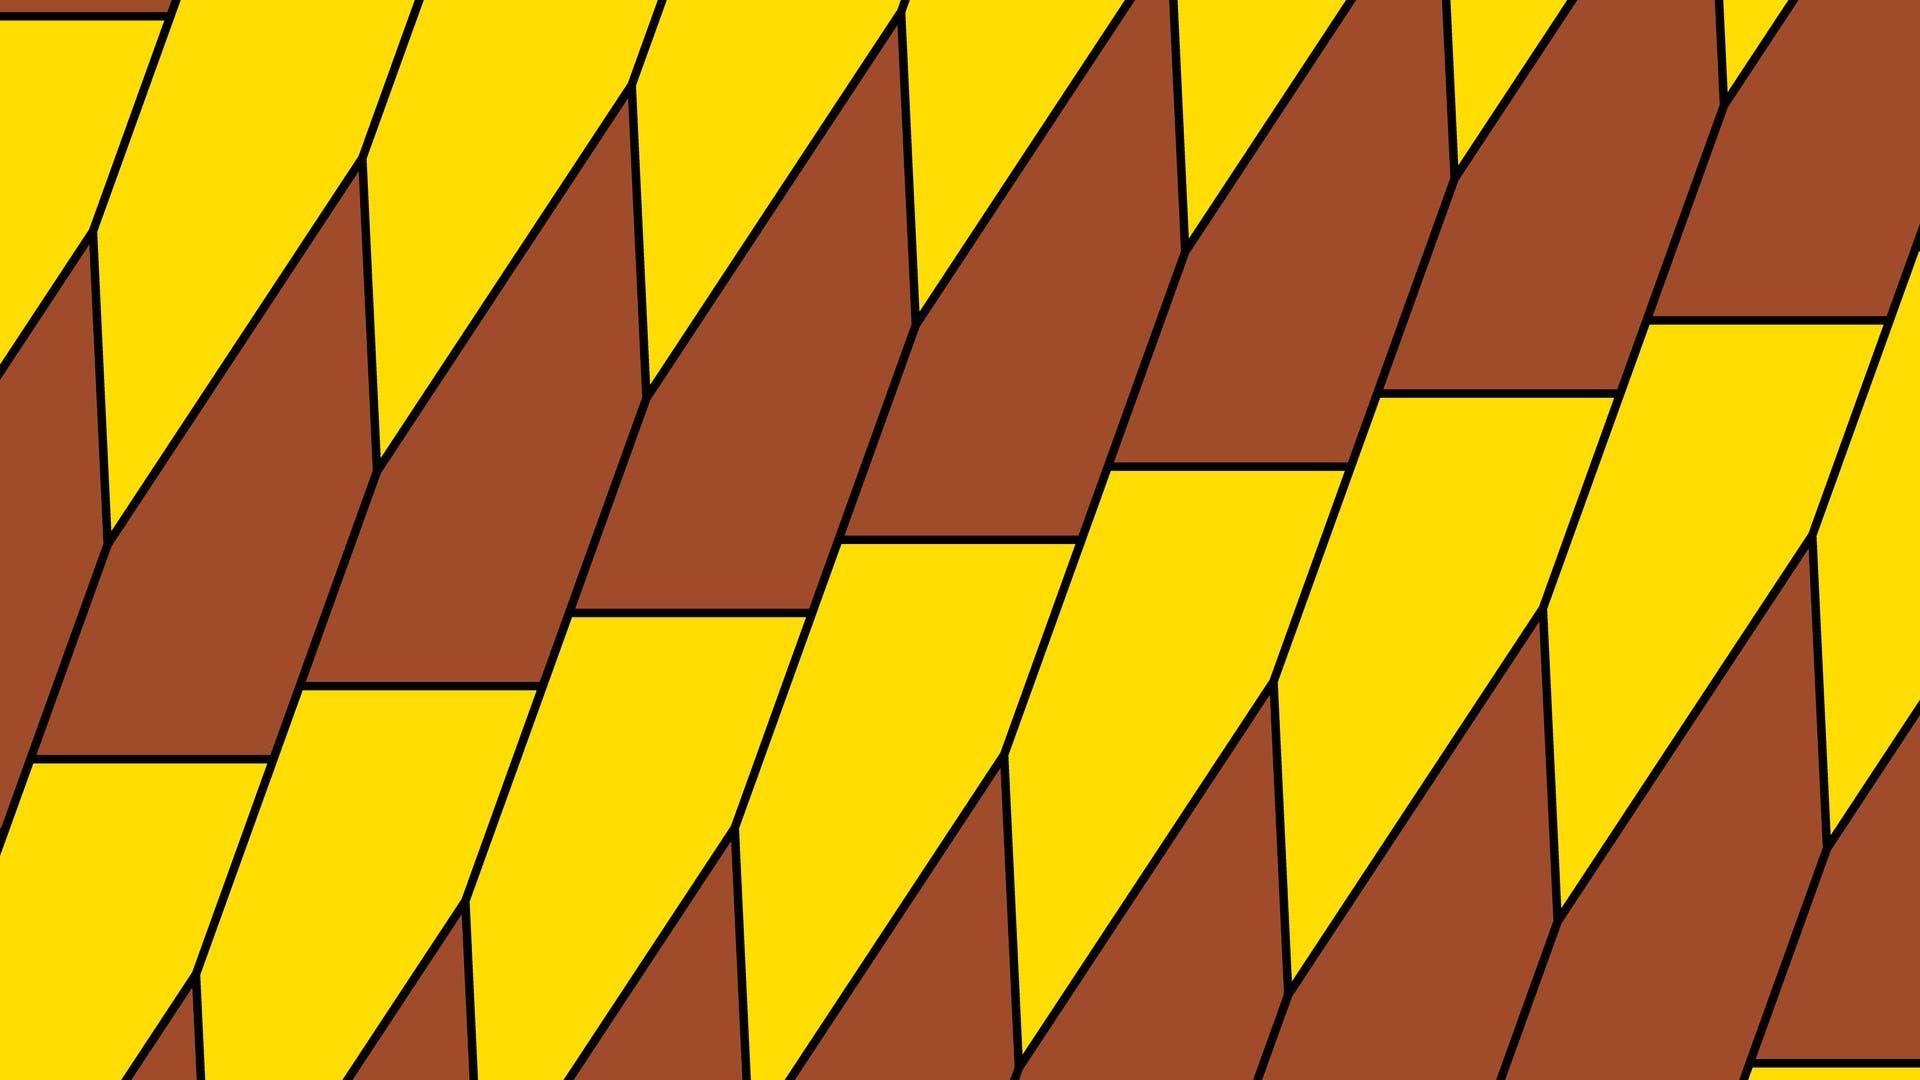 Fünfeck 1